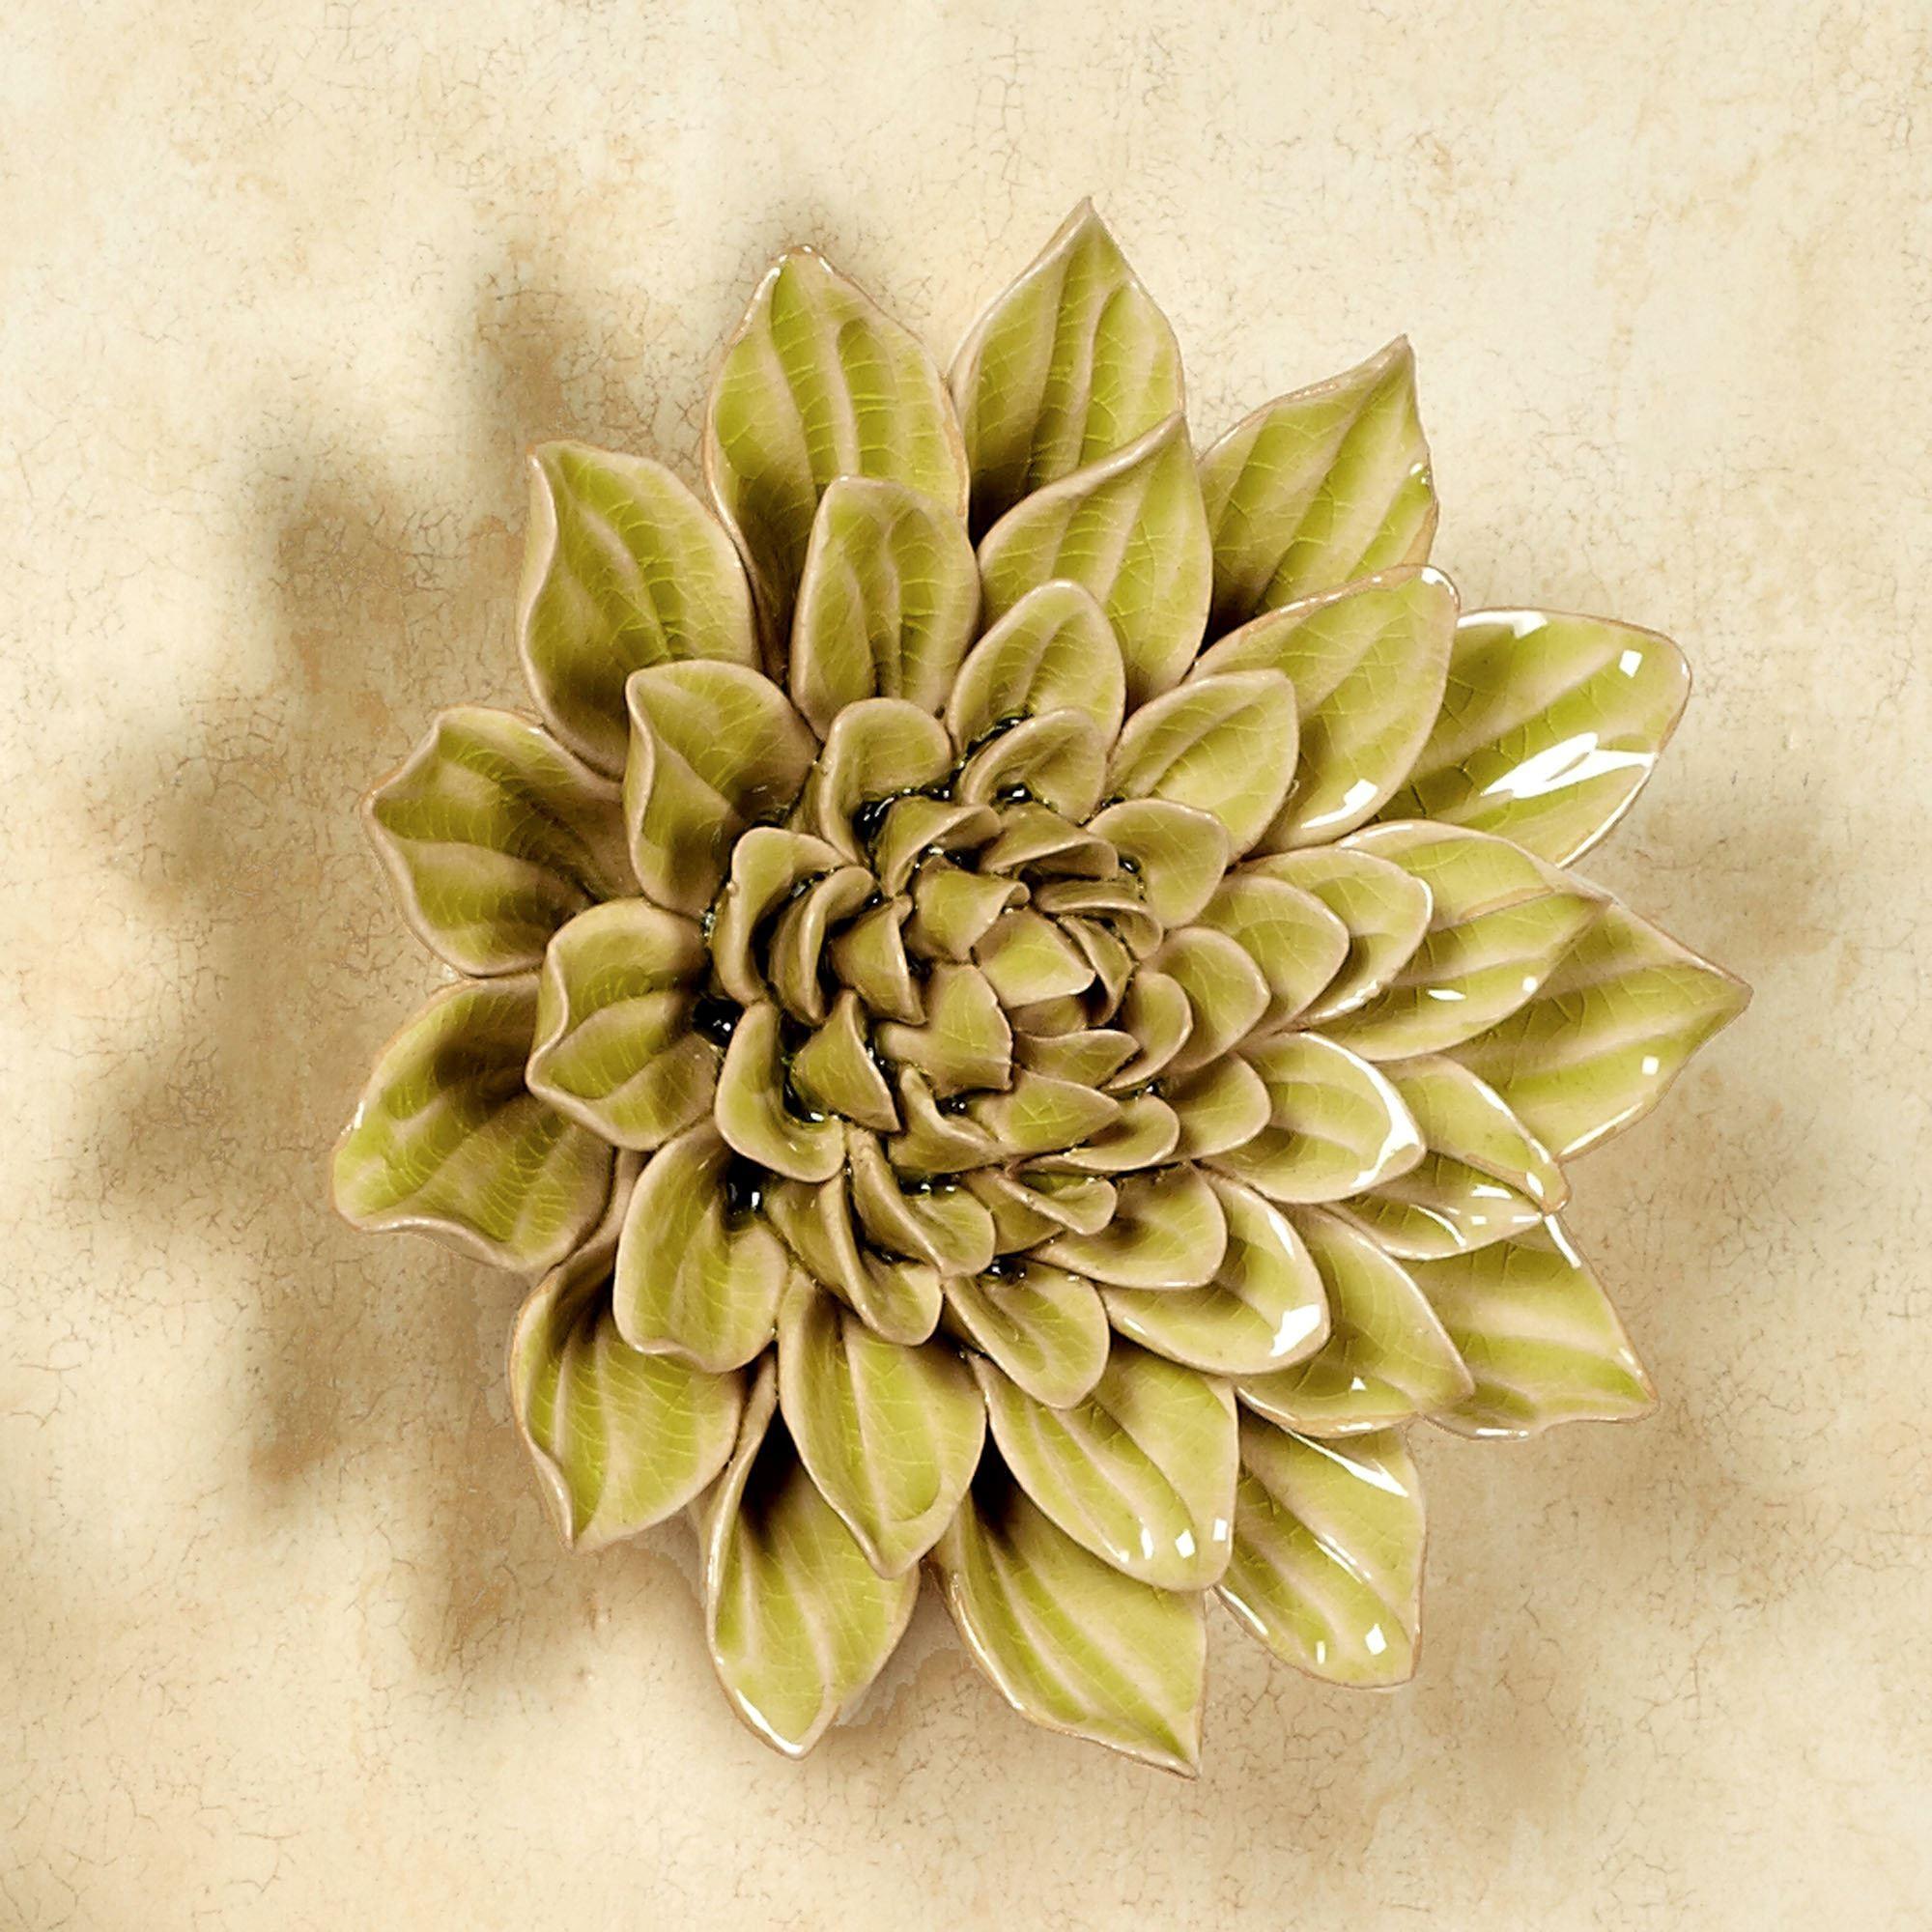 Isabella Ceramic Flower Blossom Wall Art regarding Neutral Wall Art